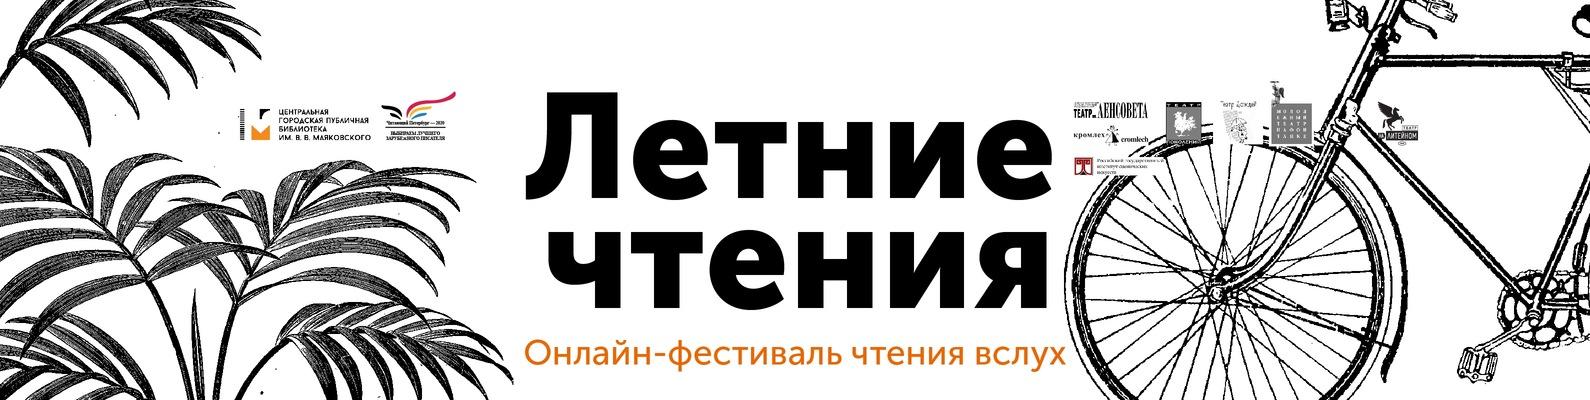 Универсанты примут участие в Летних чтениях — 2020